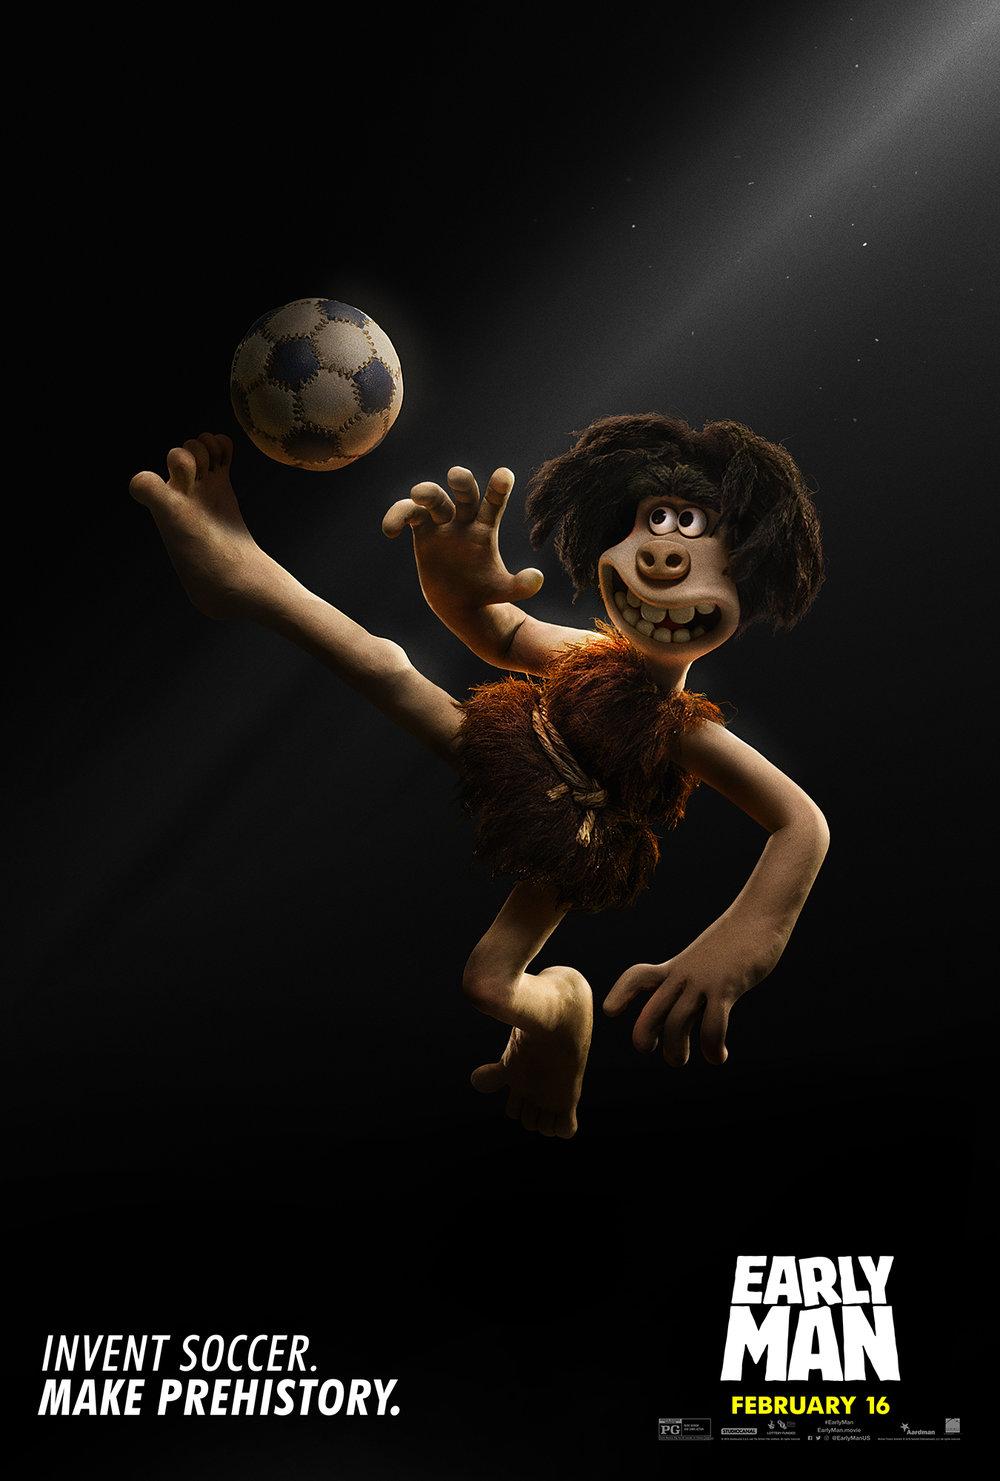 EarlyMan_Soccer_Online1Sht_DUG_100dpi.jpg